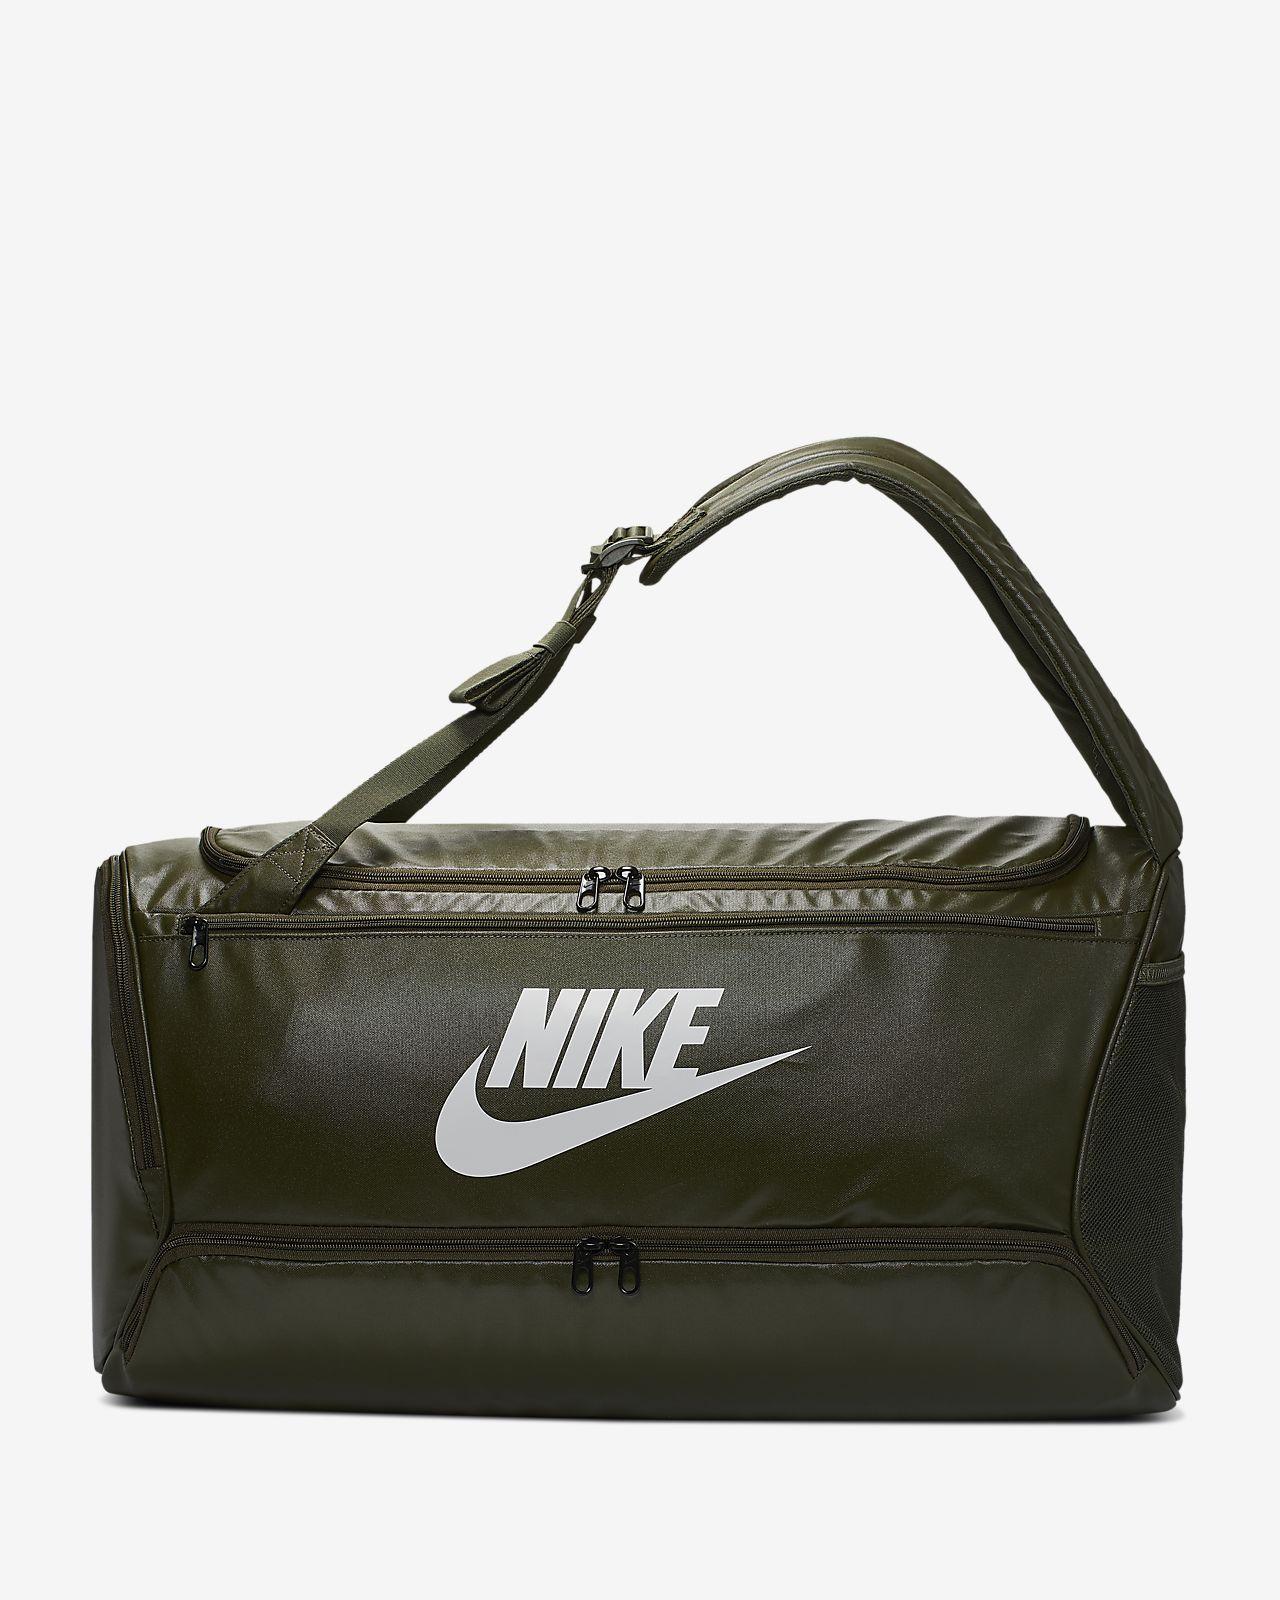 เป้สะพายหลัง/กระเป๋า Duffle เทรนนิ่งปรับเปลี่ยนได้ Nike Brasilia